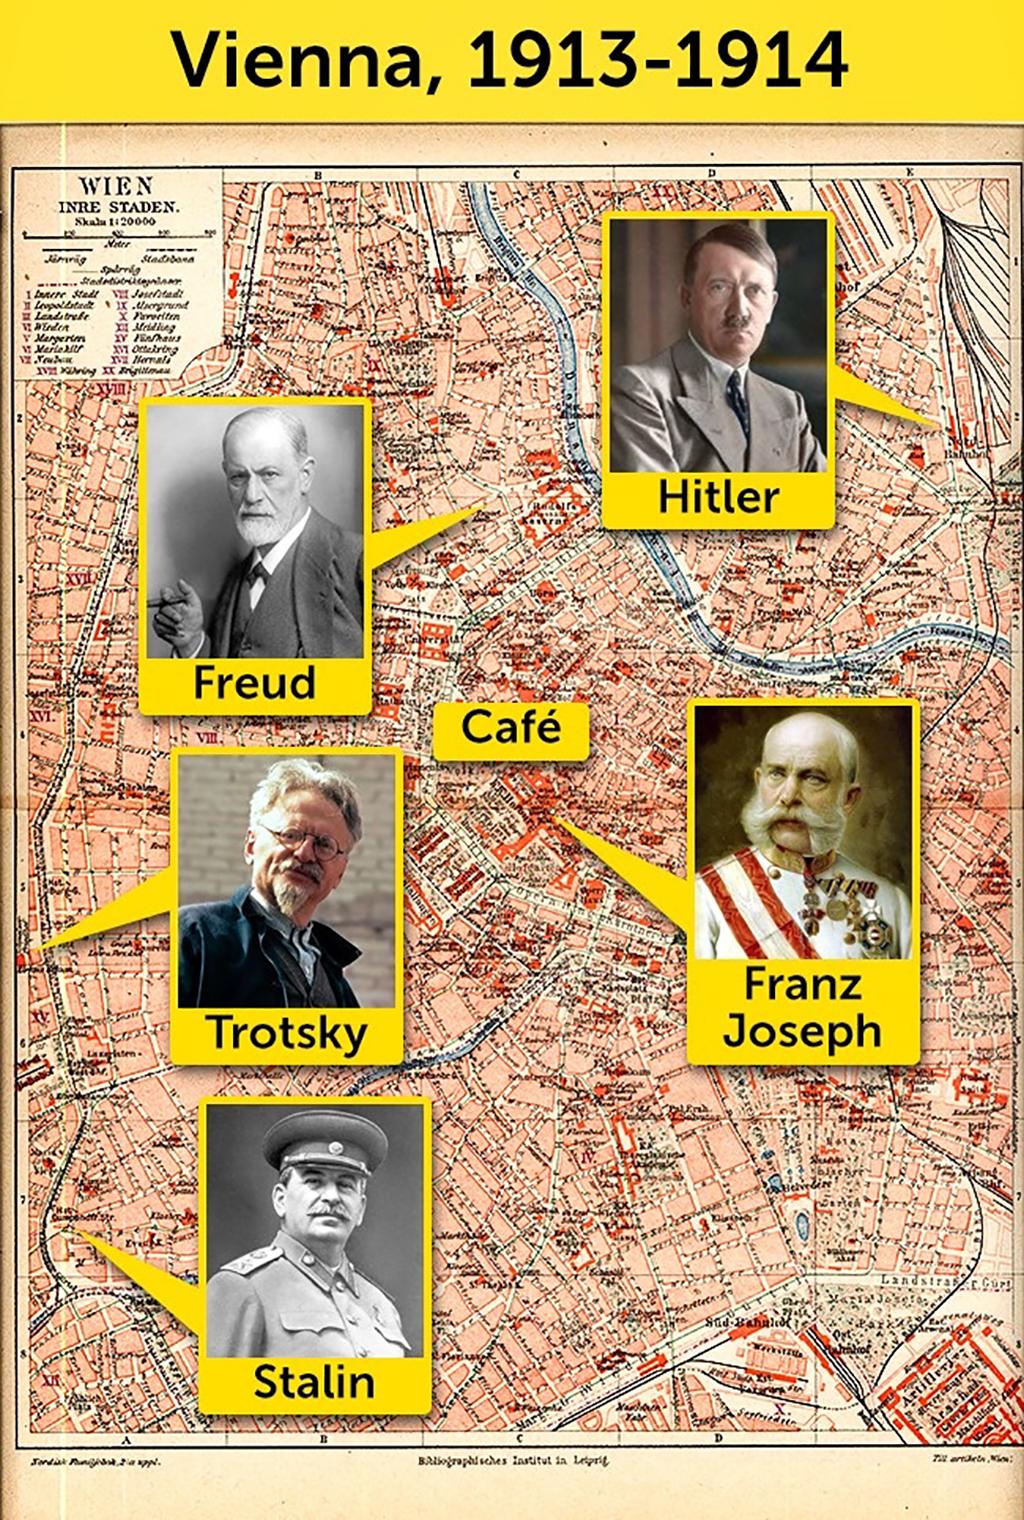 Freud, Hitler, Trotsky, Franz Joseph ve Stalin'in aynı tarihte Viyana'da olmaları